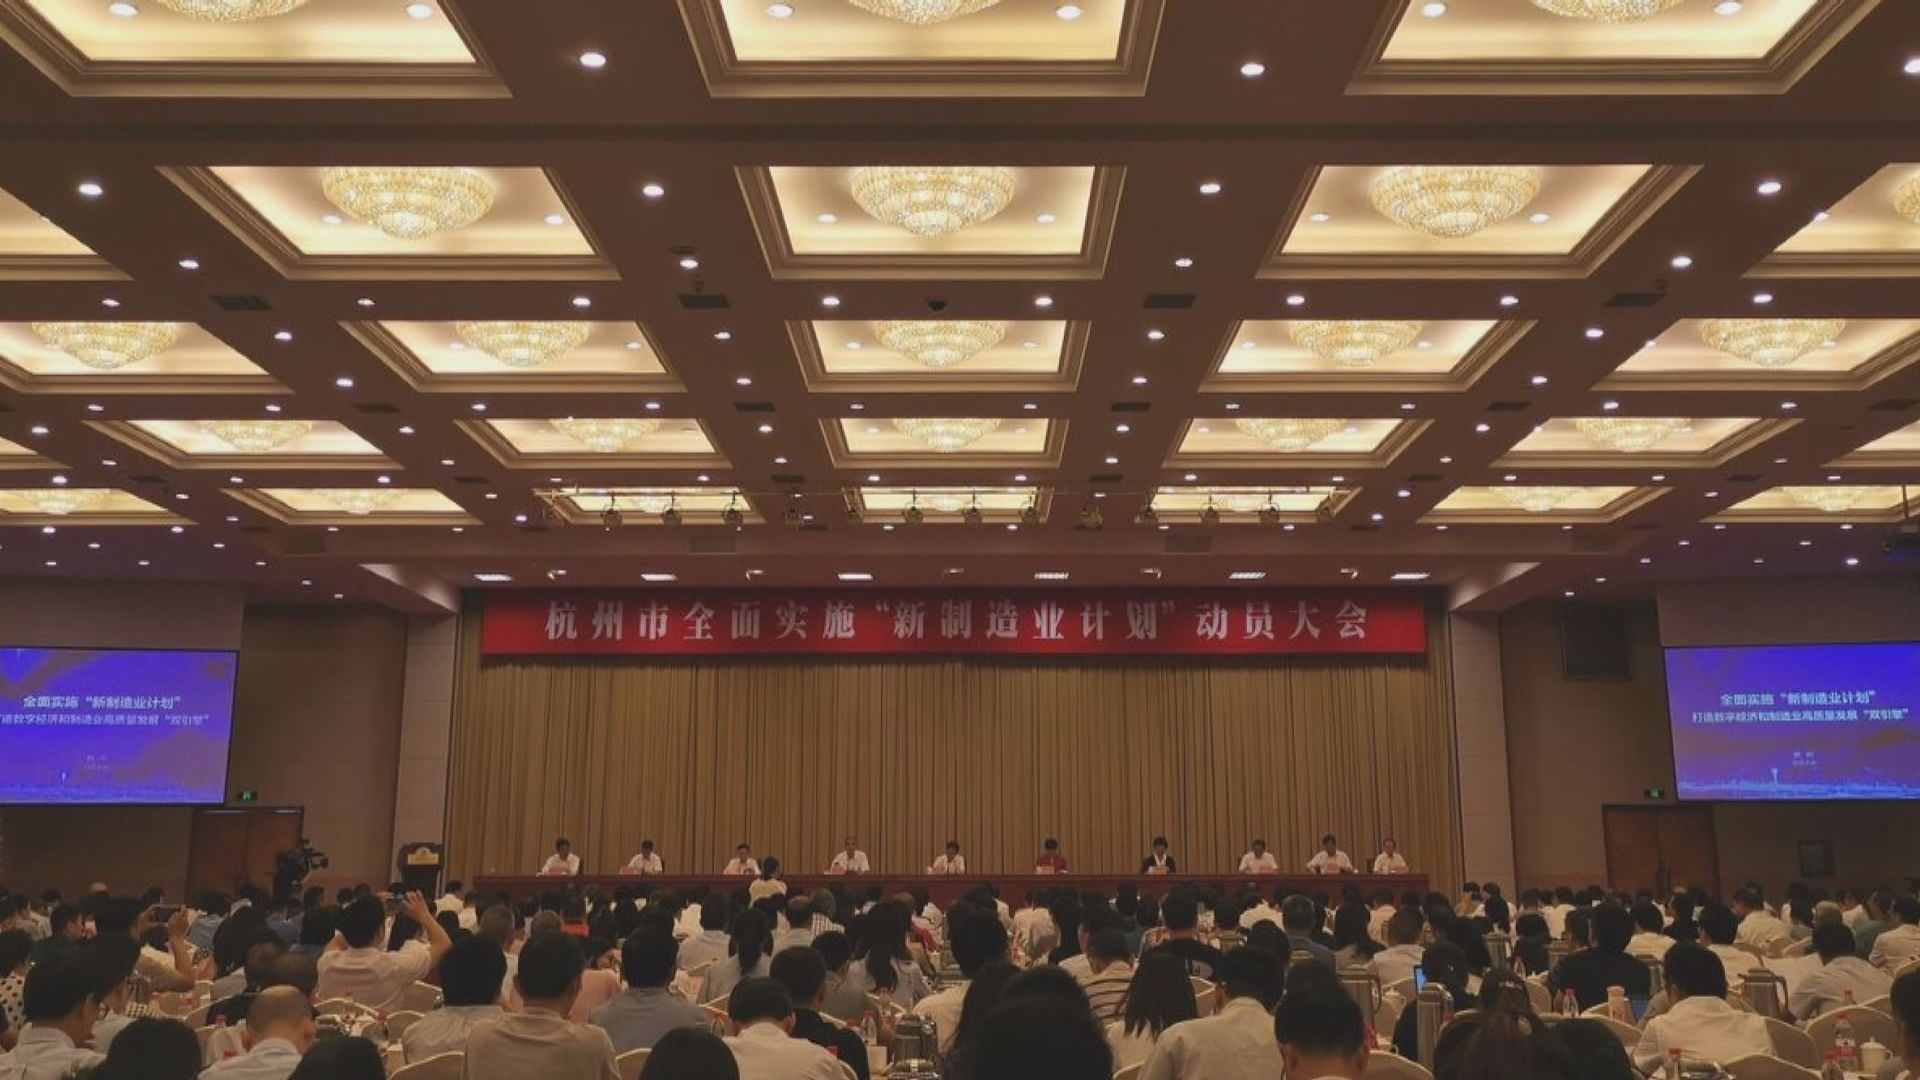 杭州派百幹部進駐企業作政府事務代表